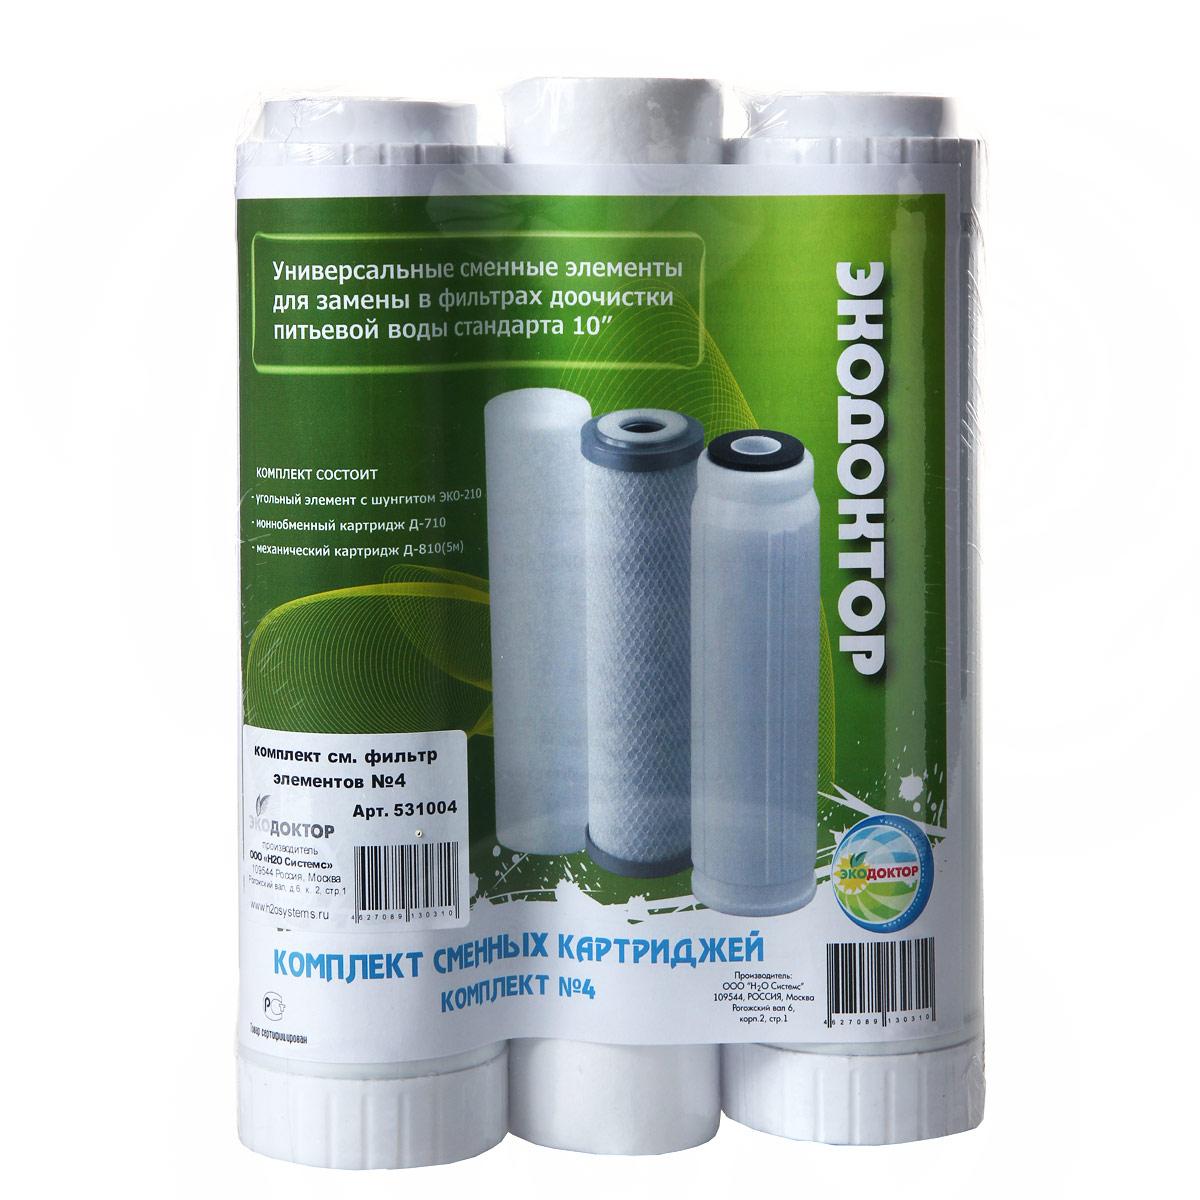 Комплект картриджей ЭкоДоктор №4BL505Комплект картриджей ЭкоДоктор №4 предназначен для замены исчерпавших свой ресурс картриджей в стационарных трехступенчатых фильтрах.Состав комплекта:Д-810(5М) – Картридж состоит из полипропиленового волокна для задержки механических частиц в воде;ЭКО-210 – Картридж состоит из из высококачественного активированного угля и шунгита. Предназначен для удаления из воды: органических соединений 80%, хлора 90%, катионов тяжелых металлов 70%. Улучшает вкус водыи удаляет неприятный запах воды.Д-710 – Умягчающий воду картридж с ионообменной смолой.Эффективность очистки:соли жесткости: 70%;взвешенные примеси: 95%;остаточный хлор: 90%;органические соединения: 93%;катионы тяжелых металлов: 80%;нефтепродукты: 70%.Комплект может применяться в трёхступенчатых стандартных фильтрах любых известных марок.Рекомендован в фильтры марки «Экодоктор» ЭКОНОМ-3, СТАНДАРТ-3,ЭЛИТ-3. Характеристики: Тип картриджей: 10 Slim Line Температура воды: 2-45 °С Размер картриджей: 25,4 см х 6,8 см. Размер упаковки: 26 см х 19 см х 7 см.